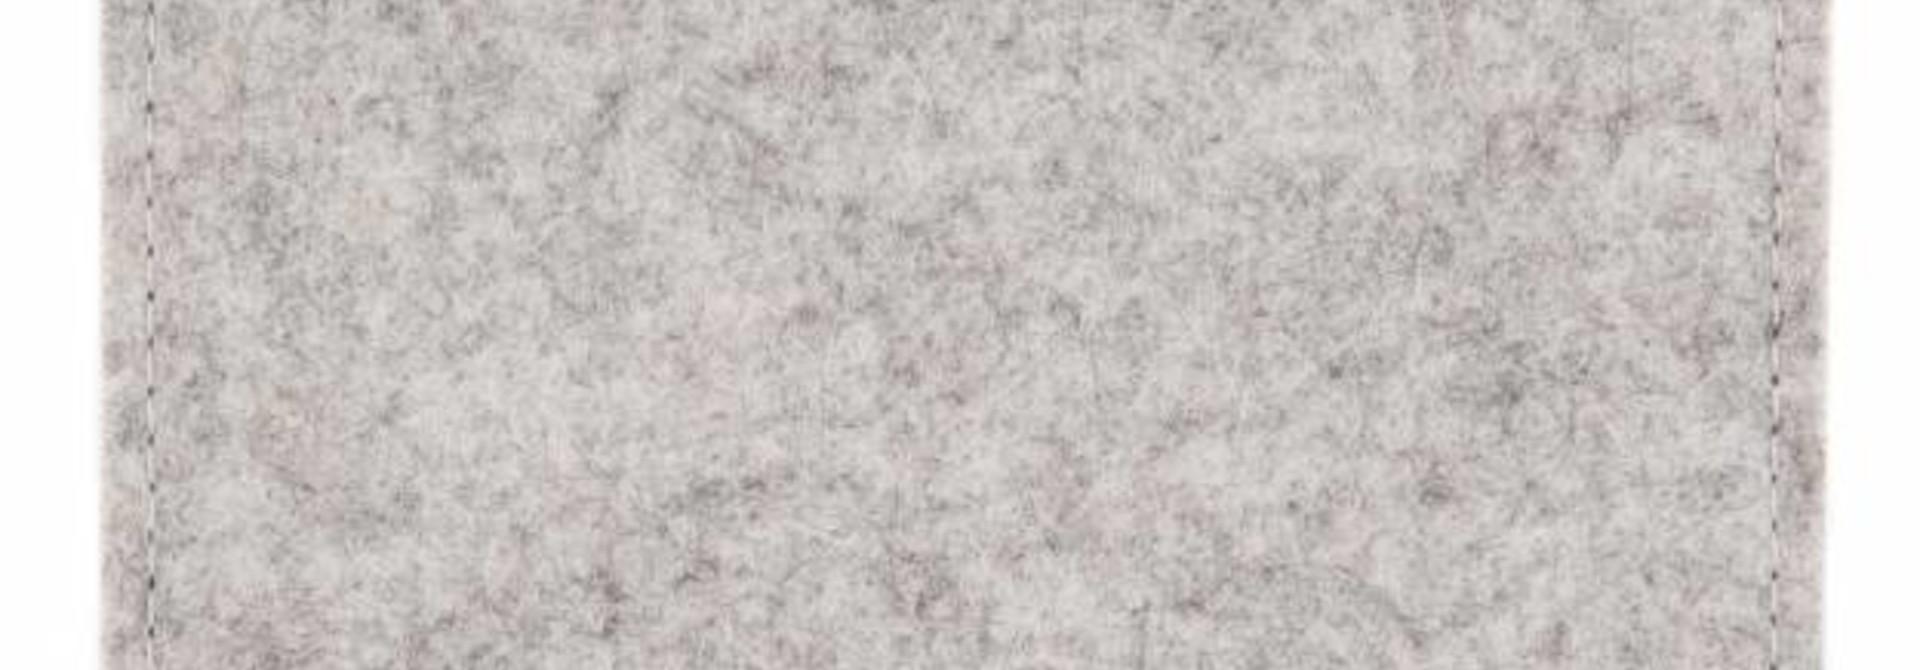 Surface Sleeve Hellgrau